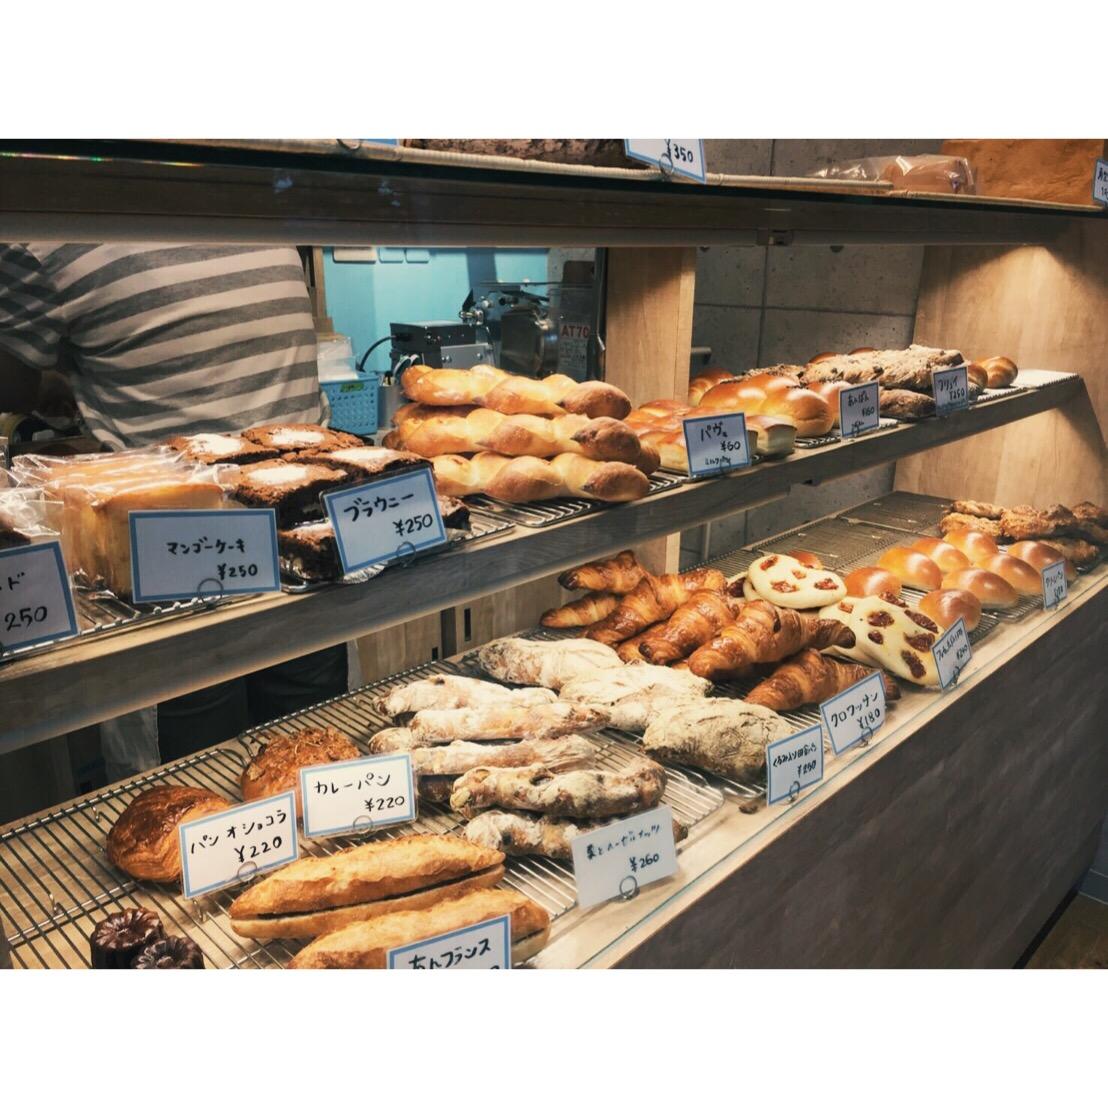 本日のパン棚(2016.10.16) | OPAN オパン|東京 笹塚のパン屋